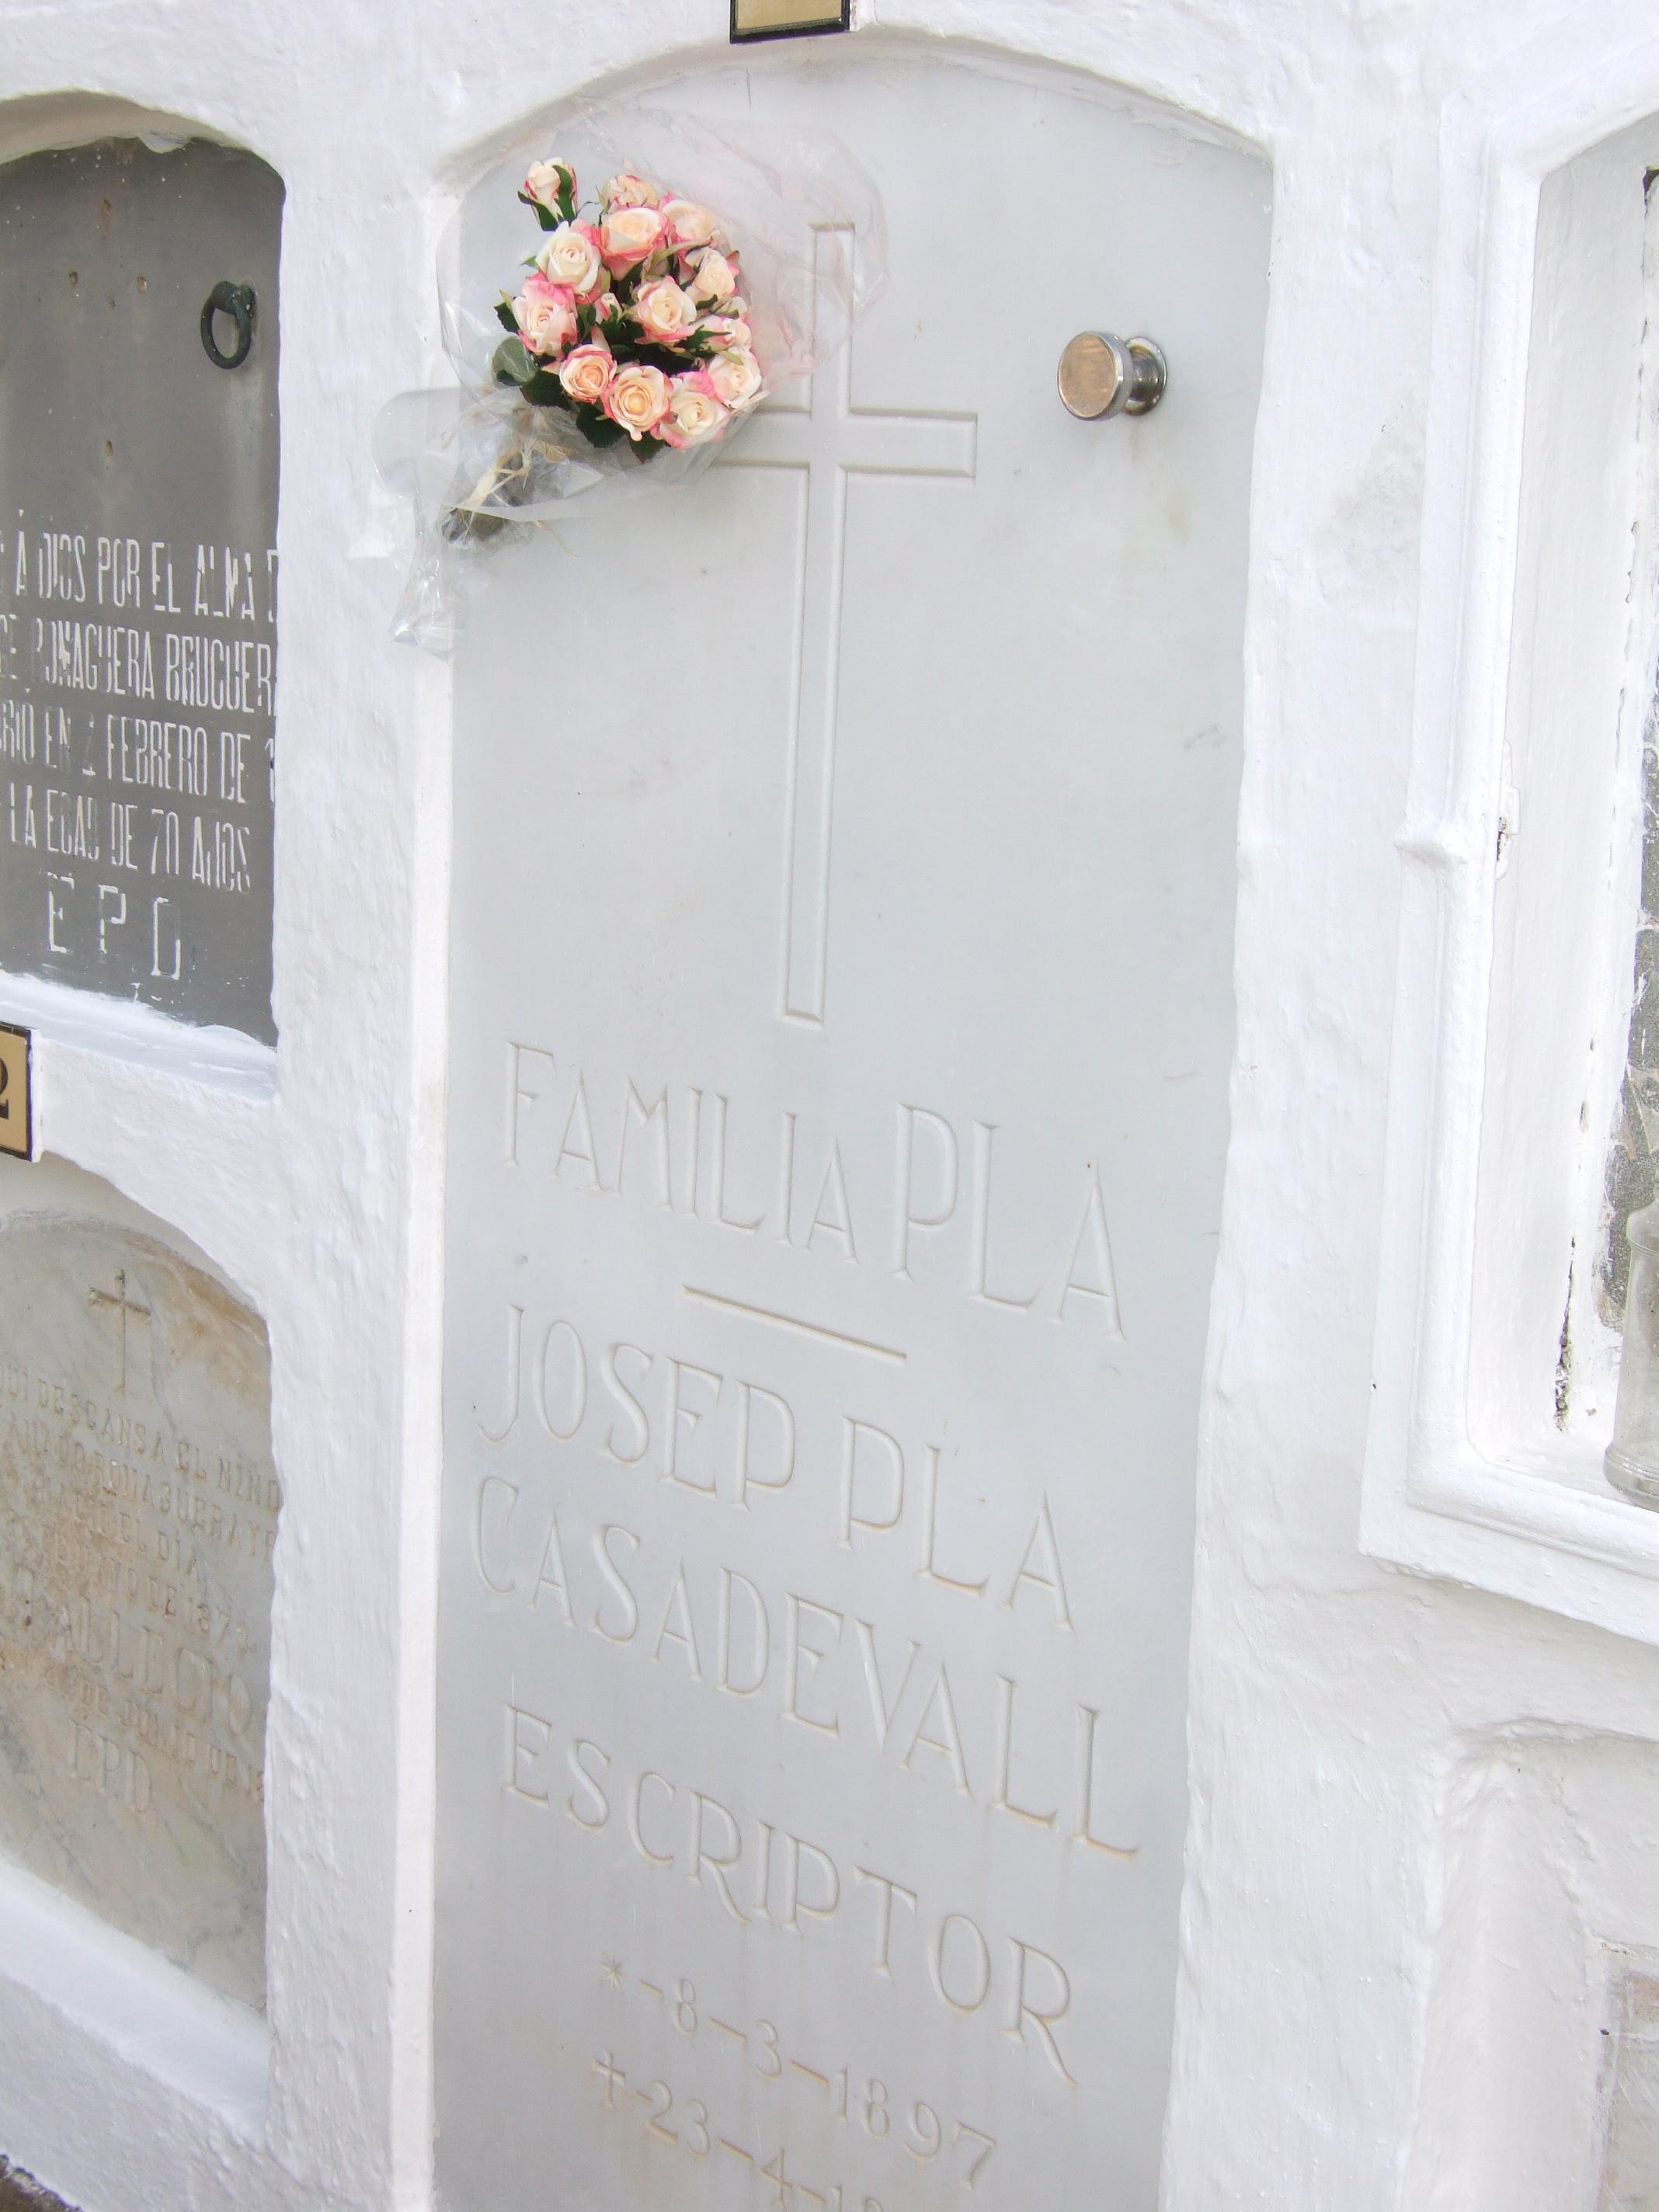 Tumba de Pla en el cementerio de Llufríu.